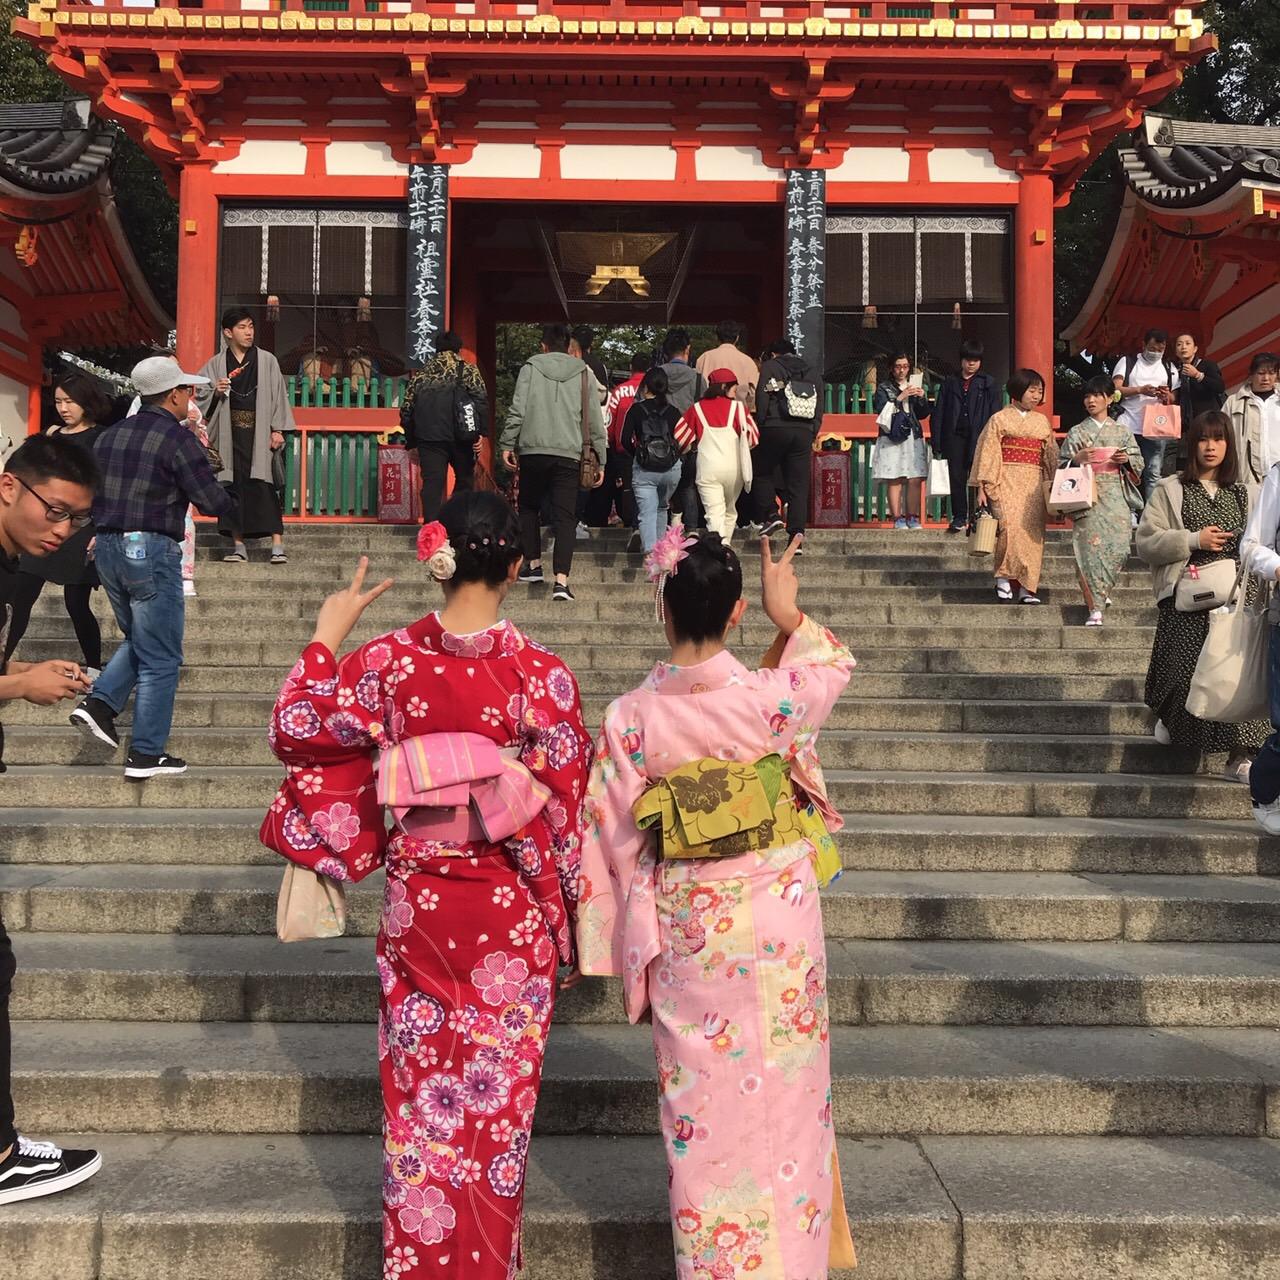 着物を着て、皆で二条城で記念撮影♡2019年3月20日2